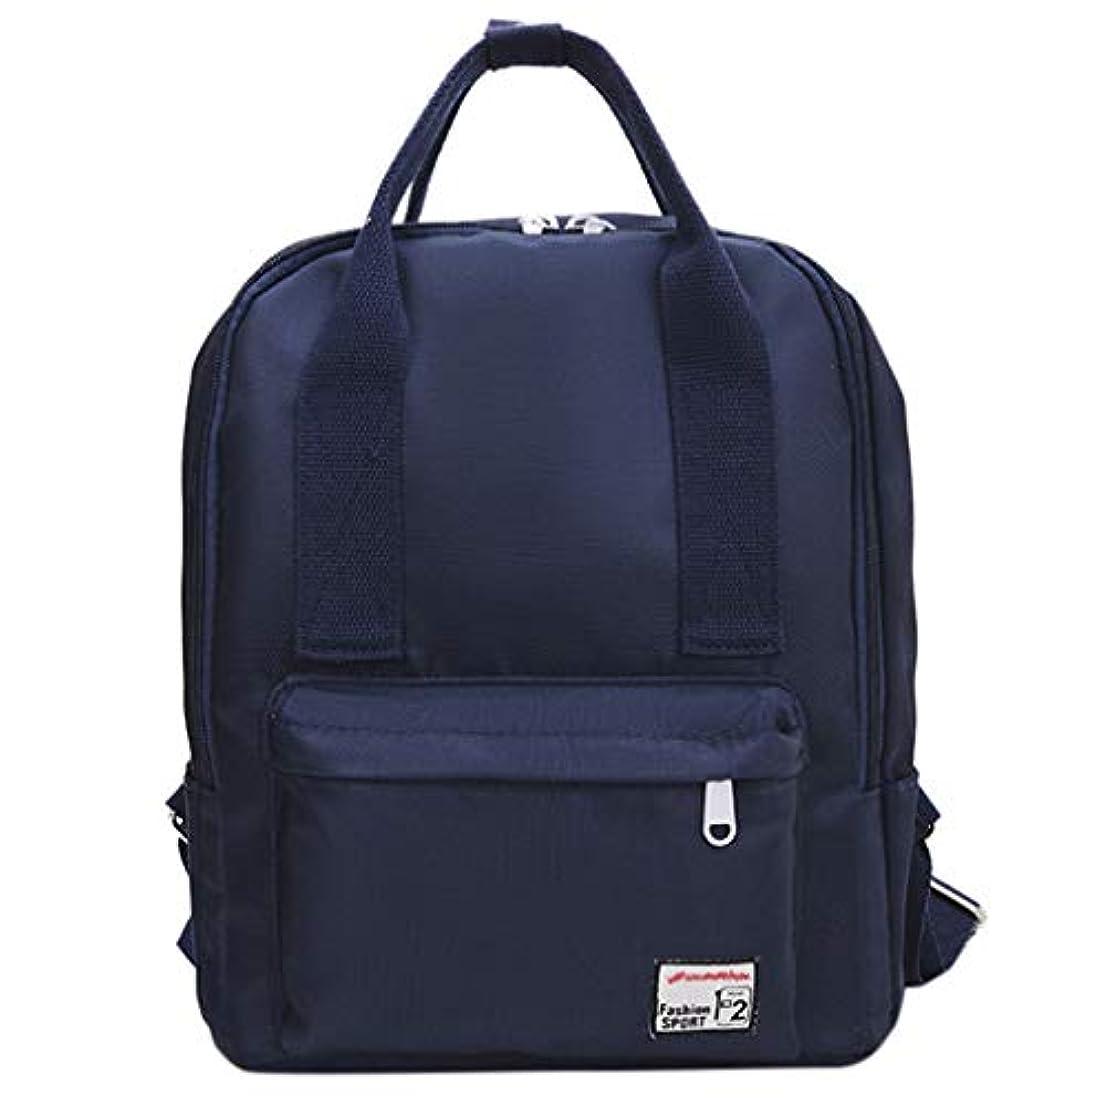 債務者自宅で試用女の子屋外かわいいシンプルなナイロンバックパック、学生襟カラーアートバッグ屋外軽量旅行ポータブル耐久性のあるバックパック